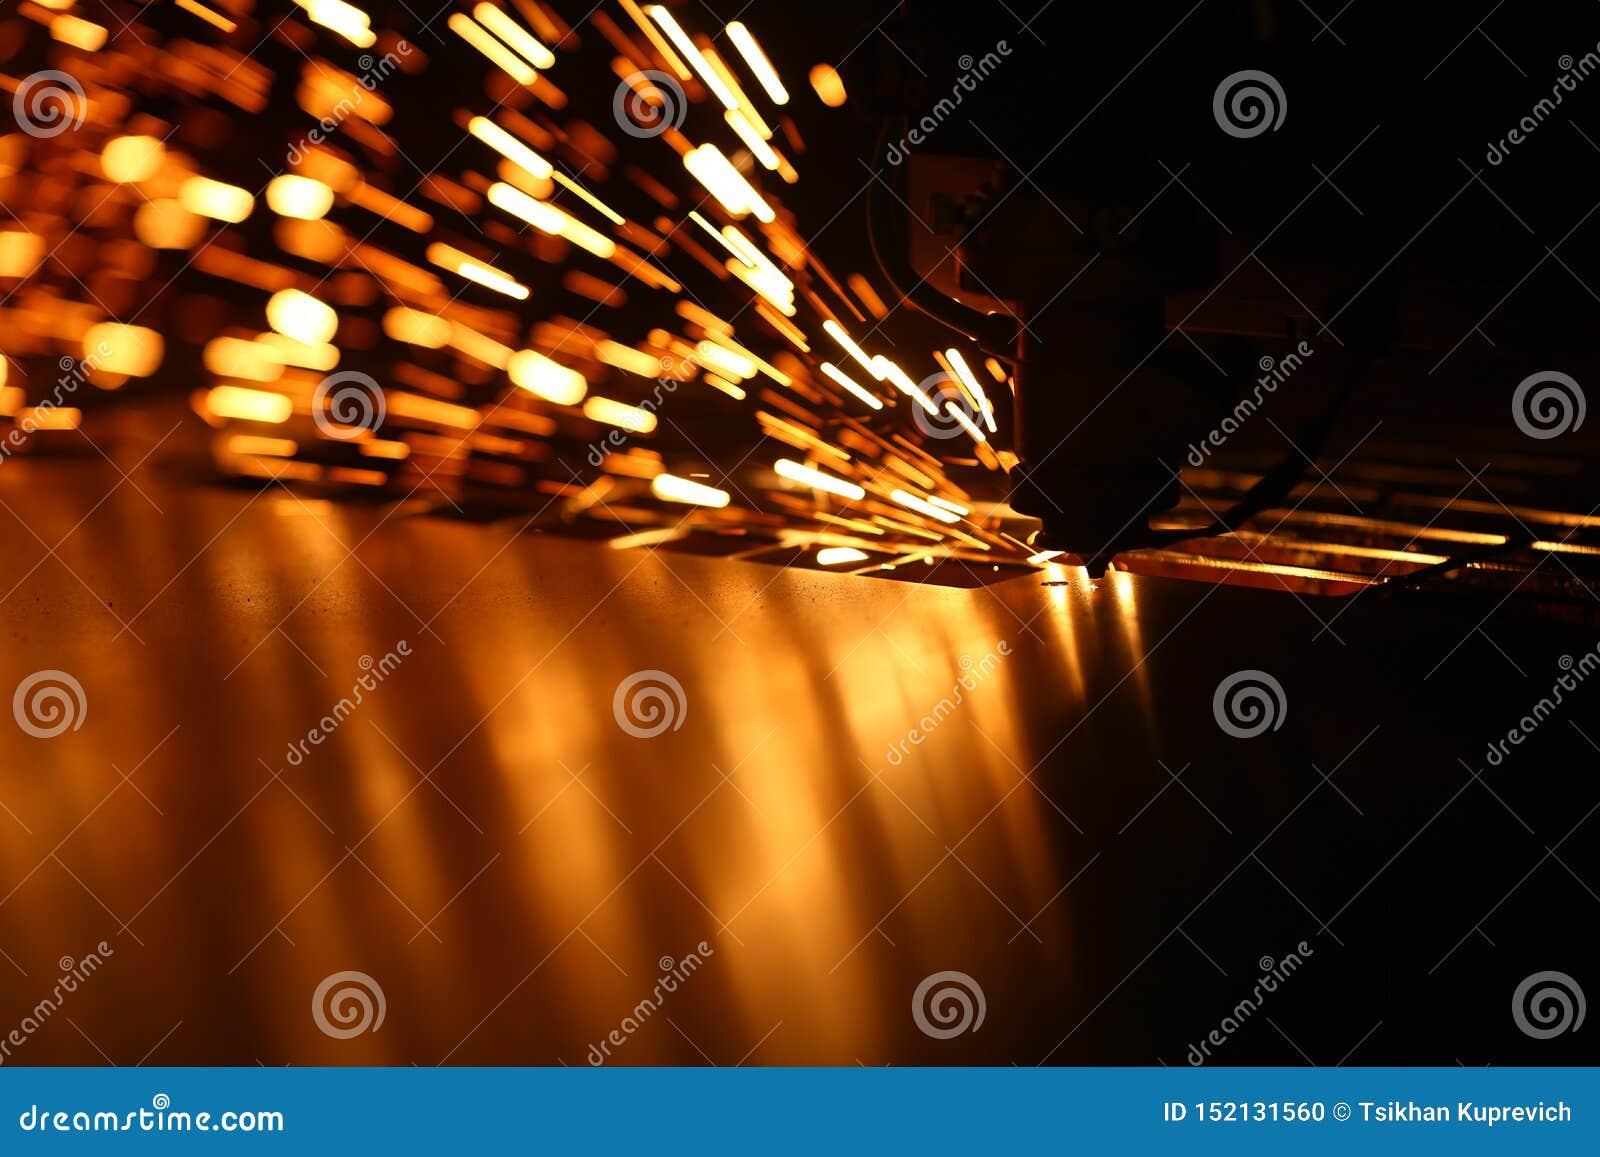 Industriële lasermachine voor metaal